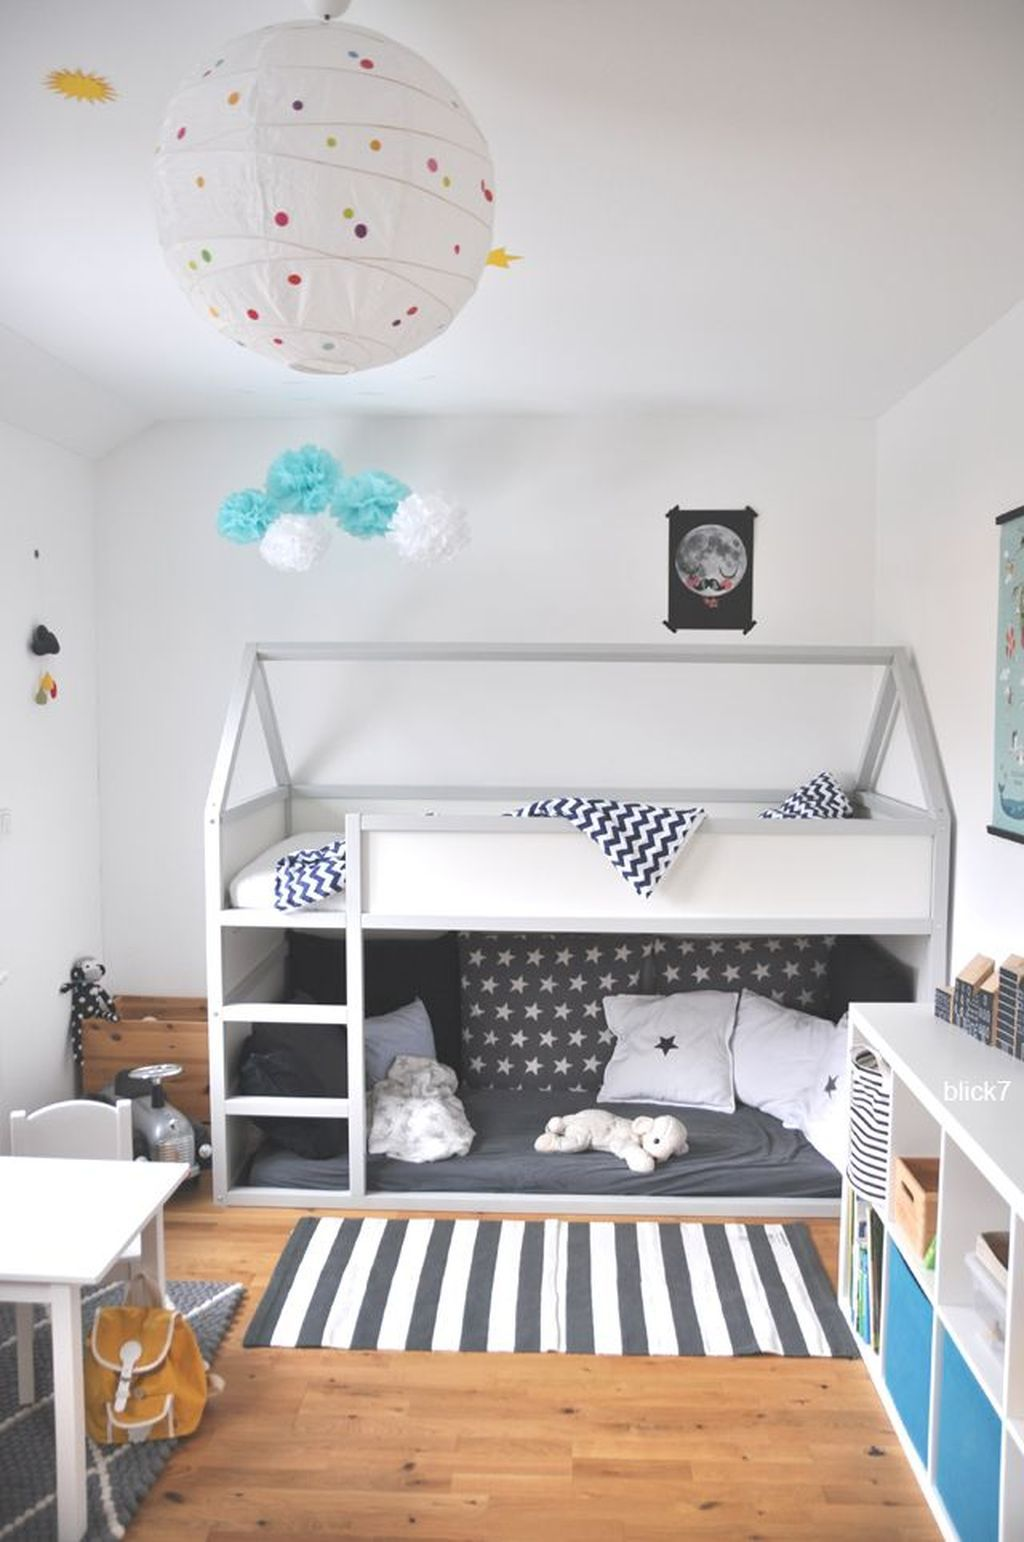 43 Best Ikea Kura Bunk Bed Hacks Ideas With Images Kid Beds